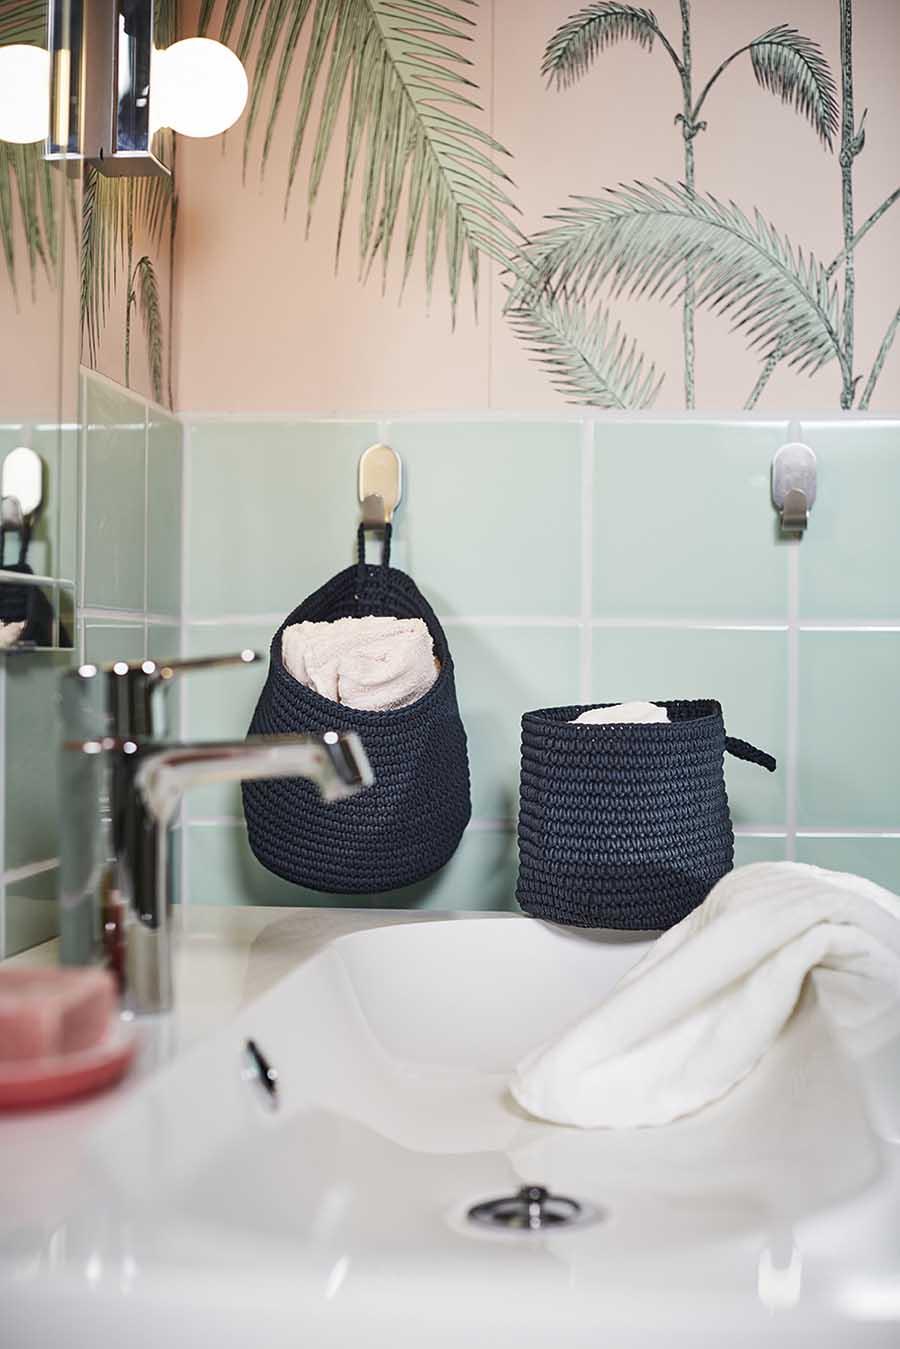 Novedades catálogo Ikea 2020 baño sistema de almacenaje azul de tela